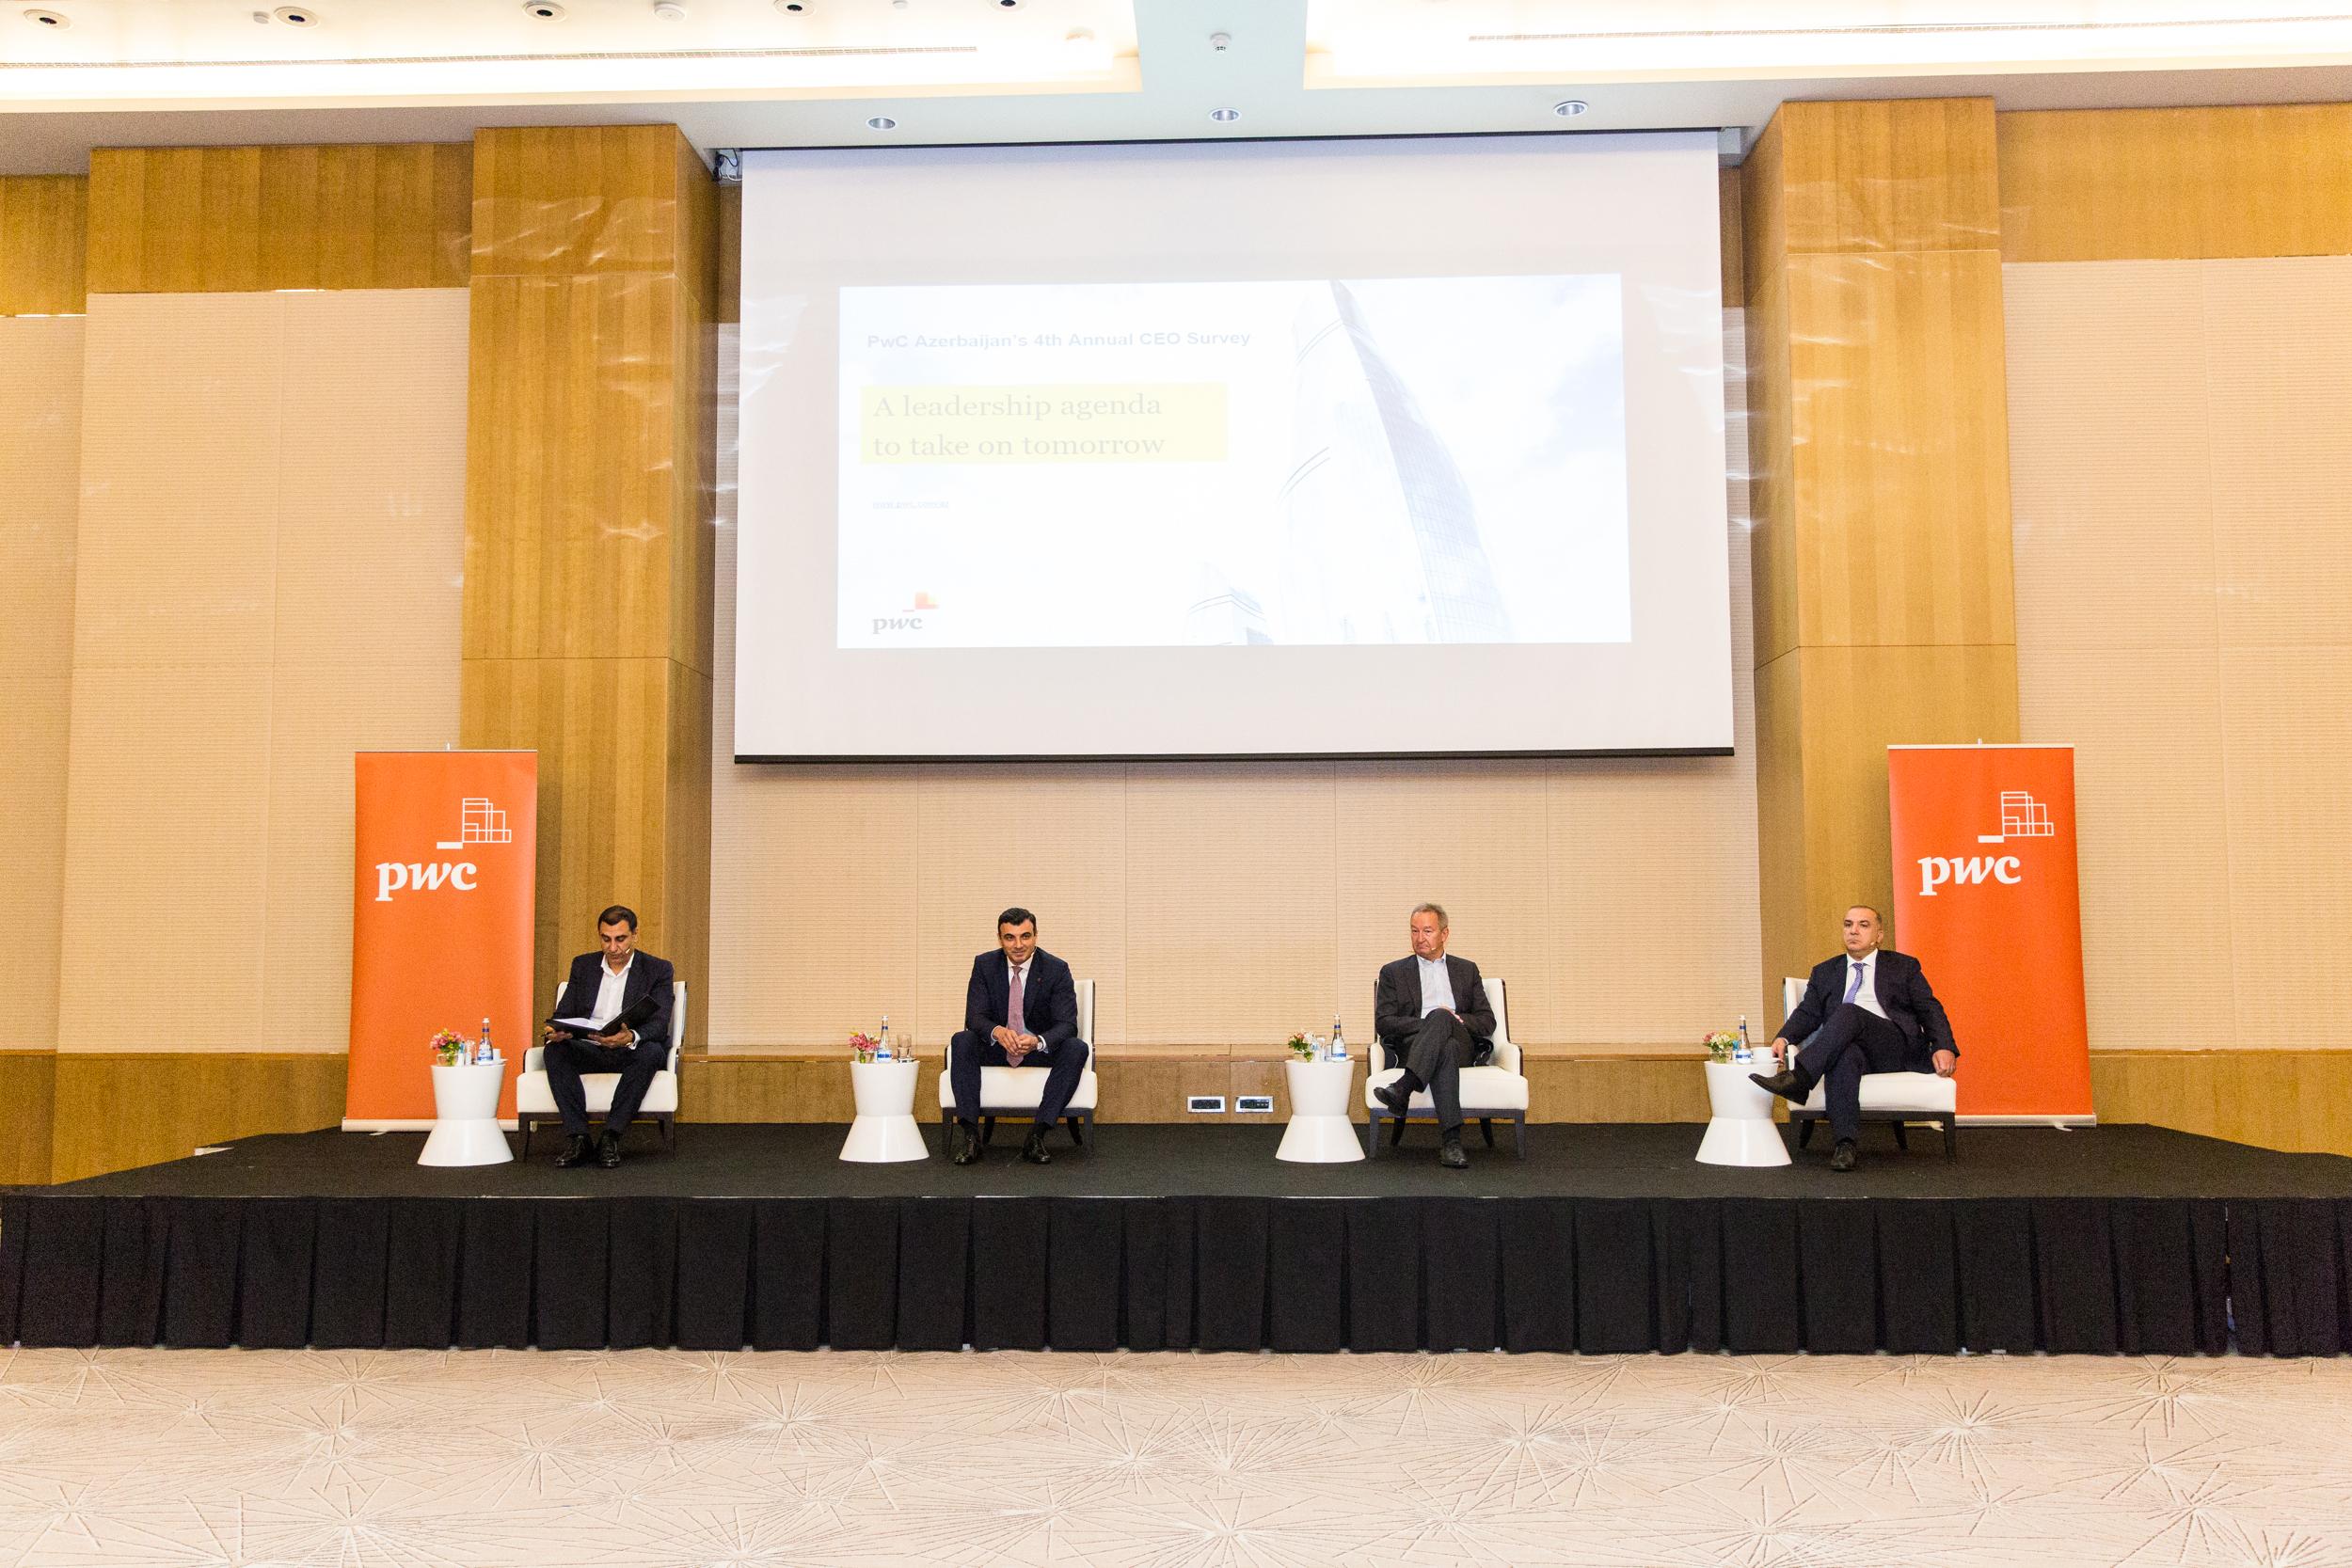 4 Ежегодный опрос руководителей компаний, проведенный PwC Азербайджан: Вопросы повестки дня, которые предстоит принять во внимание завтра